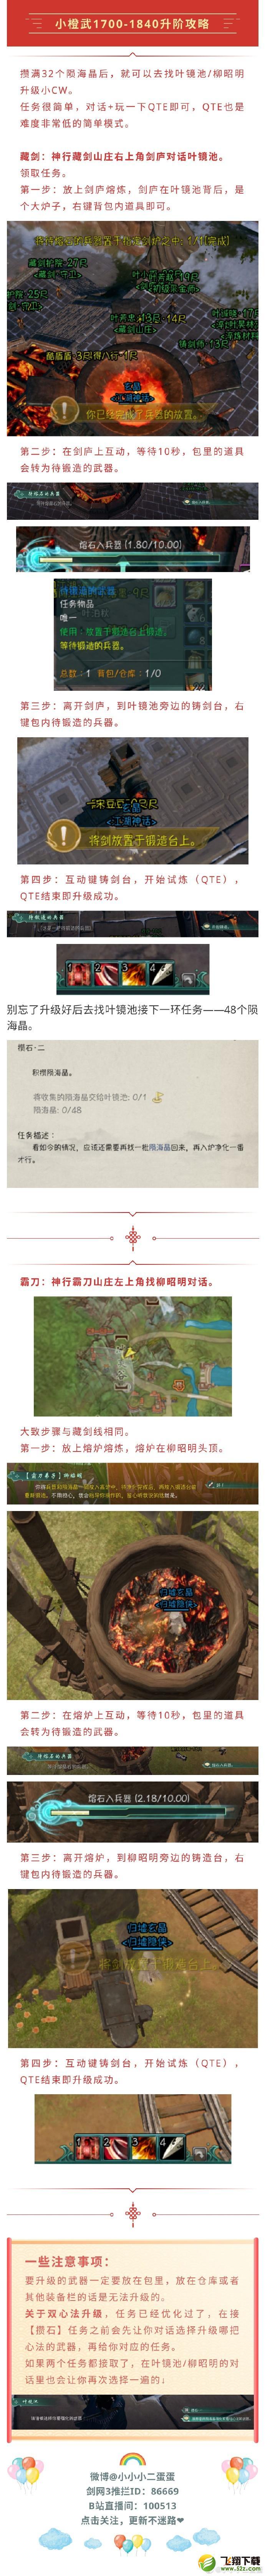 剑网三100级小橙武1840品升阶任务流程攻略_52z.com